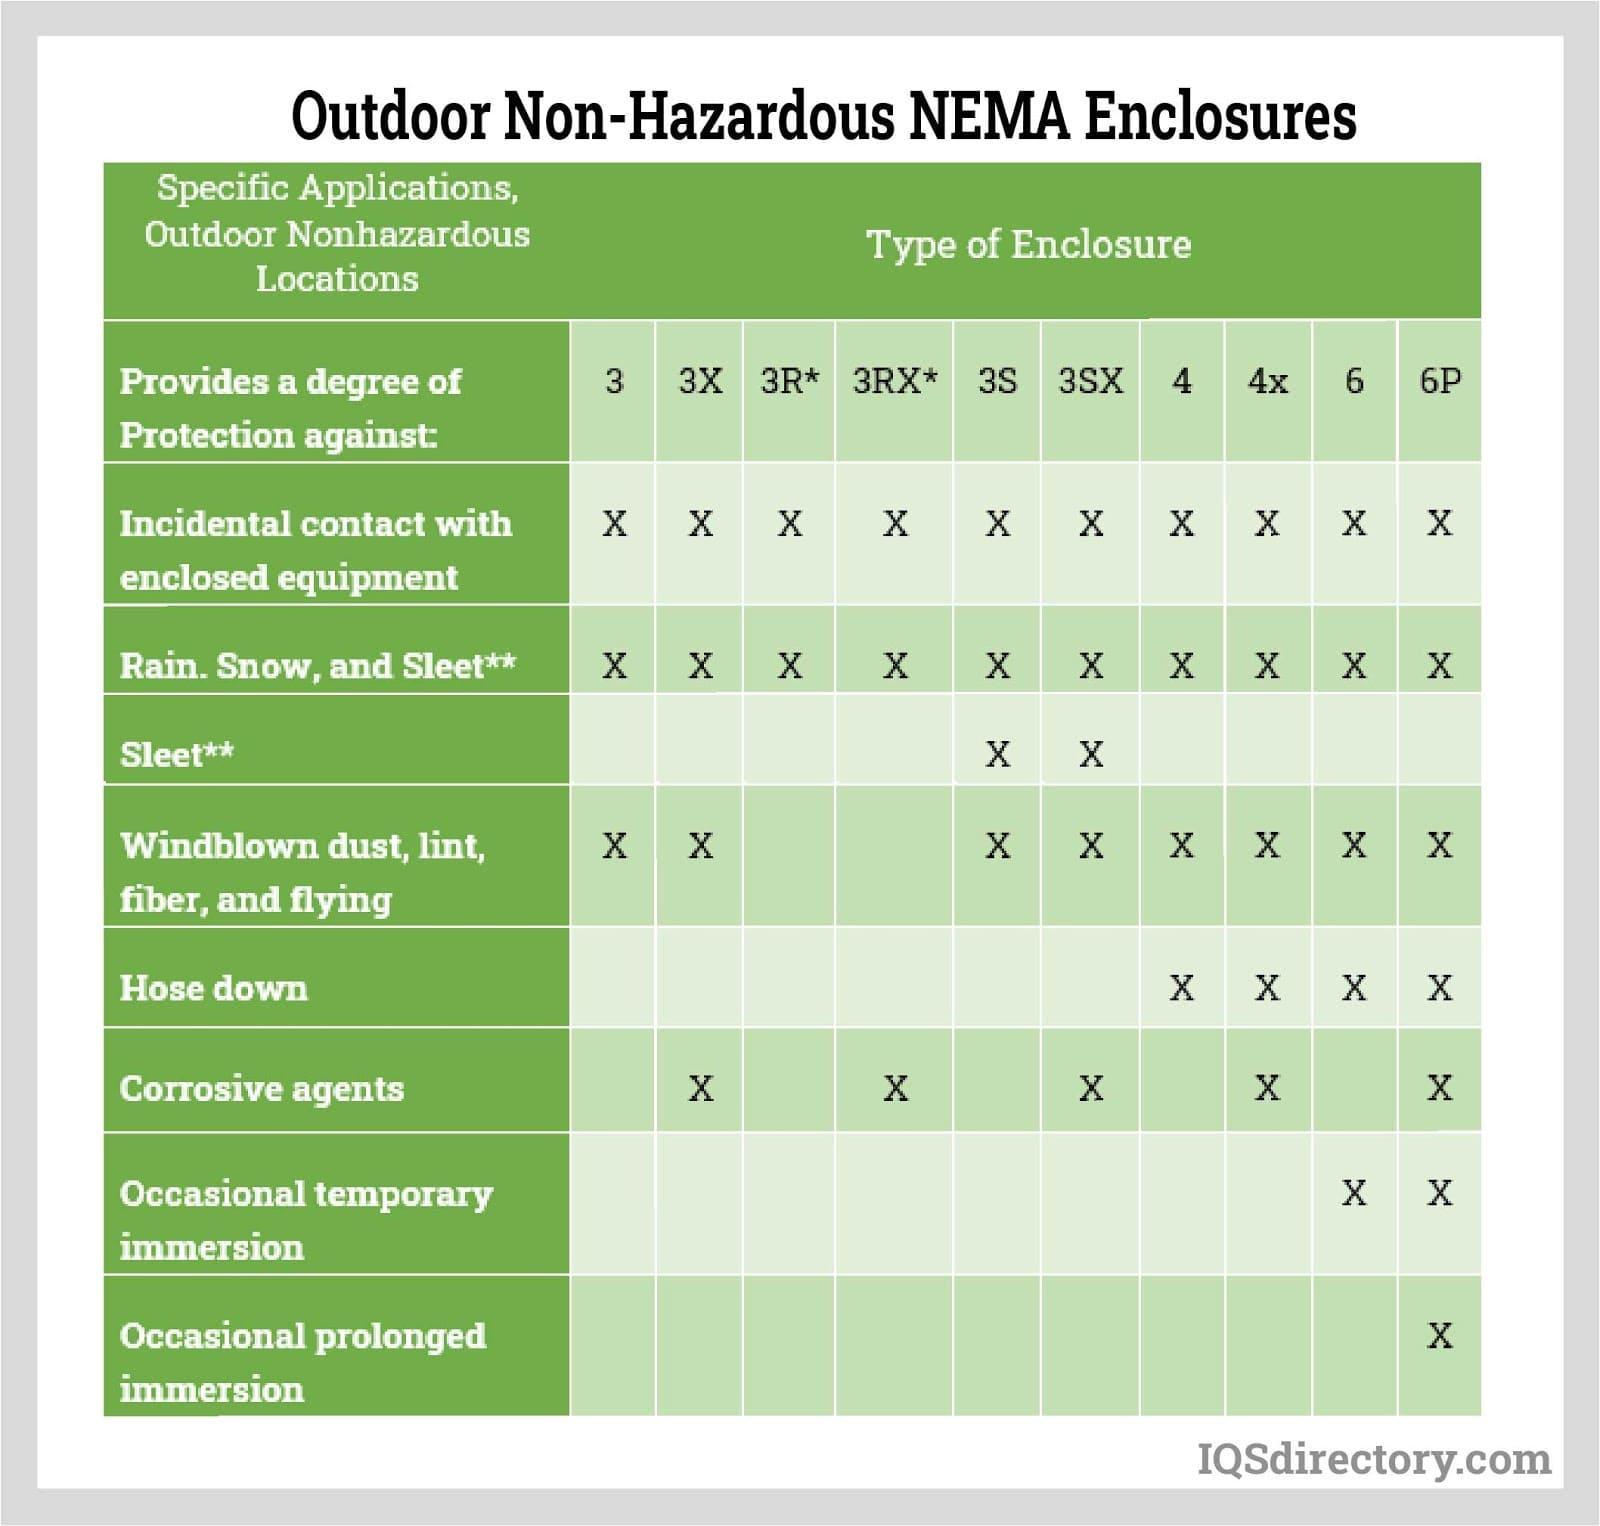 Outdoor Non-Hazardous NEMA Enclosures